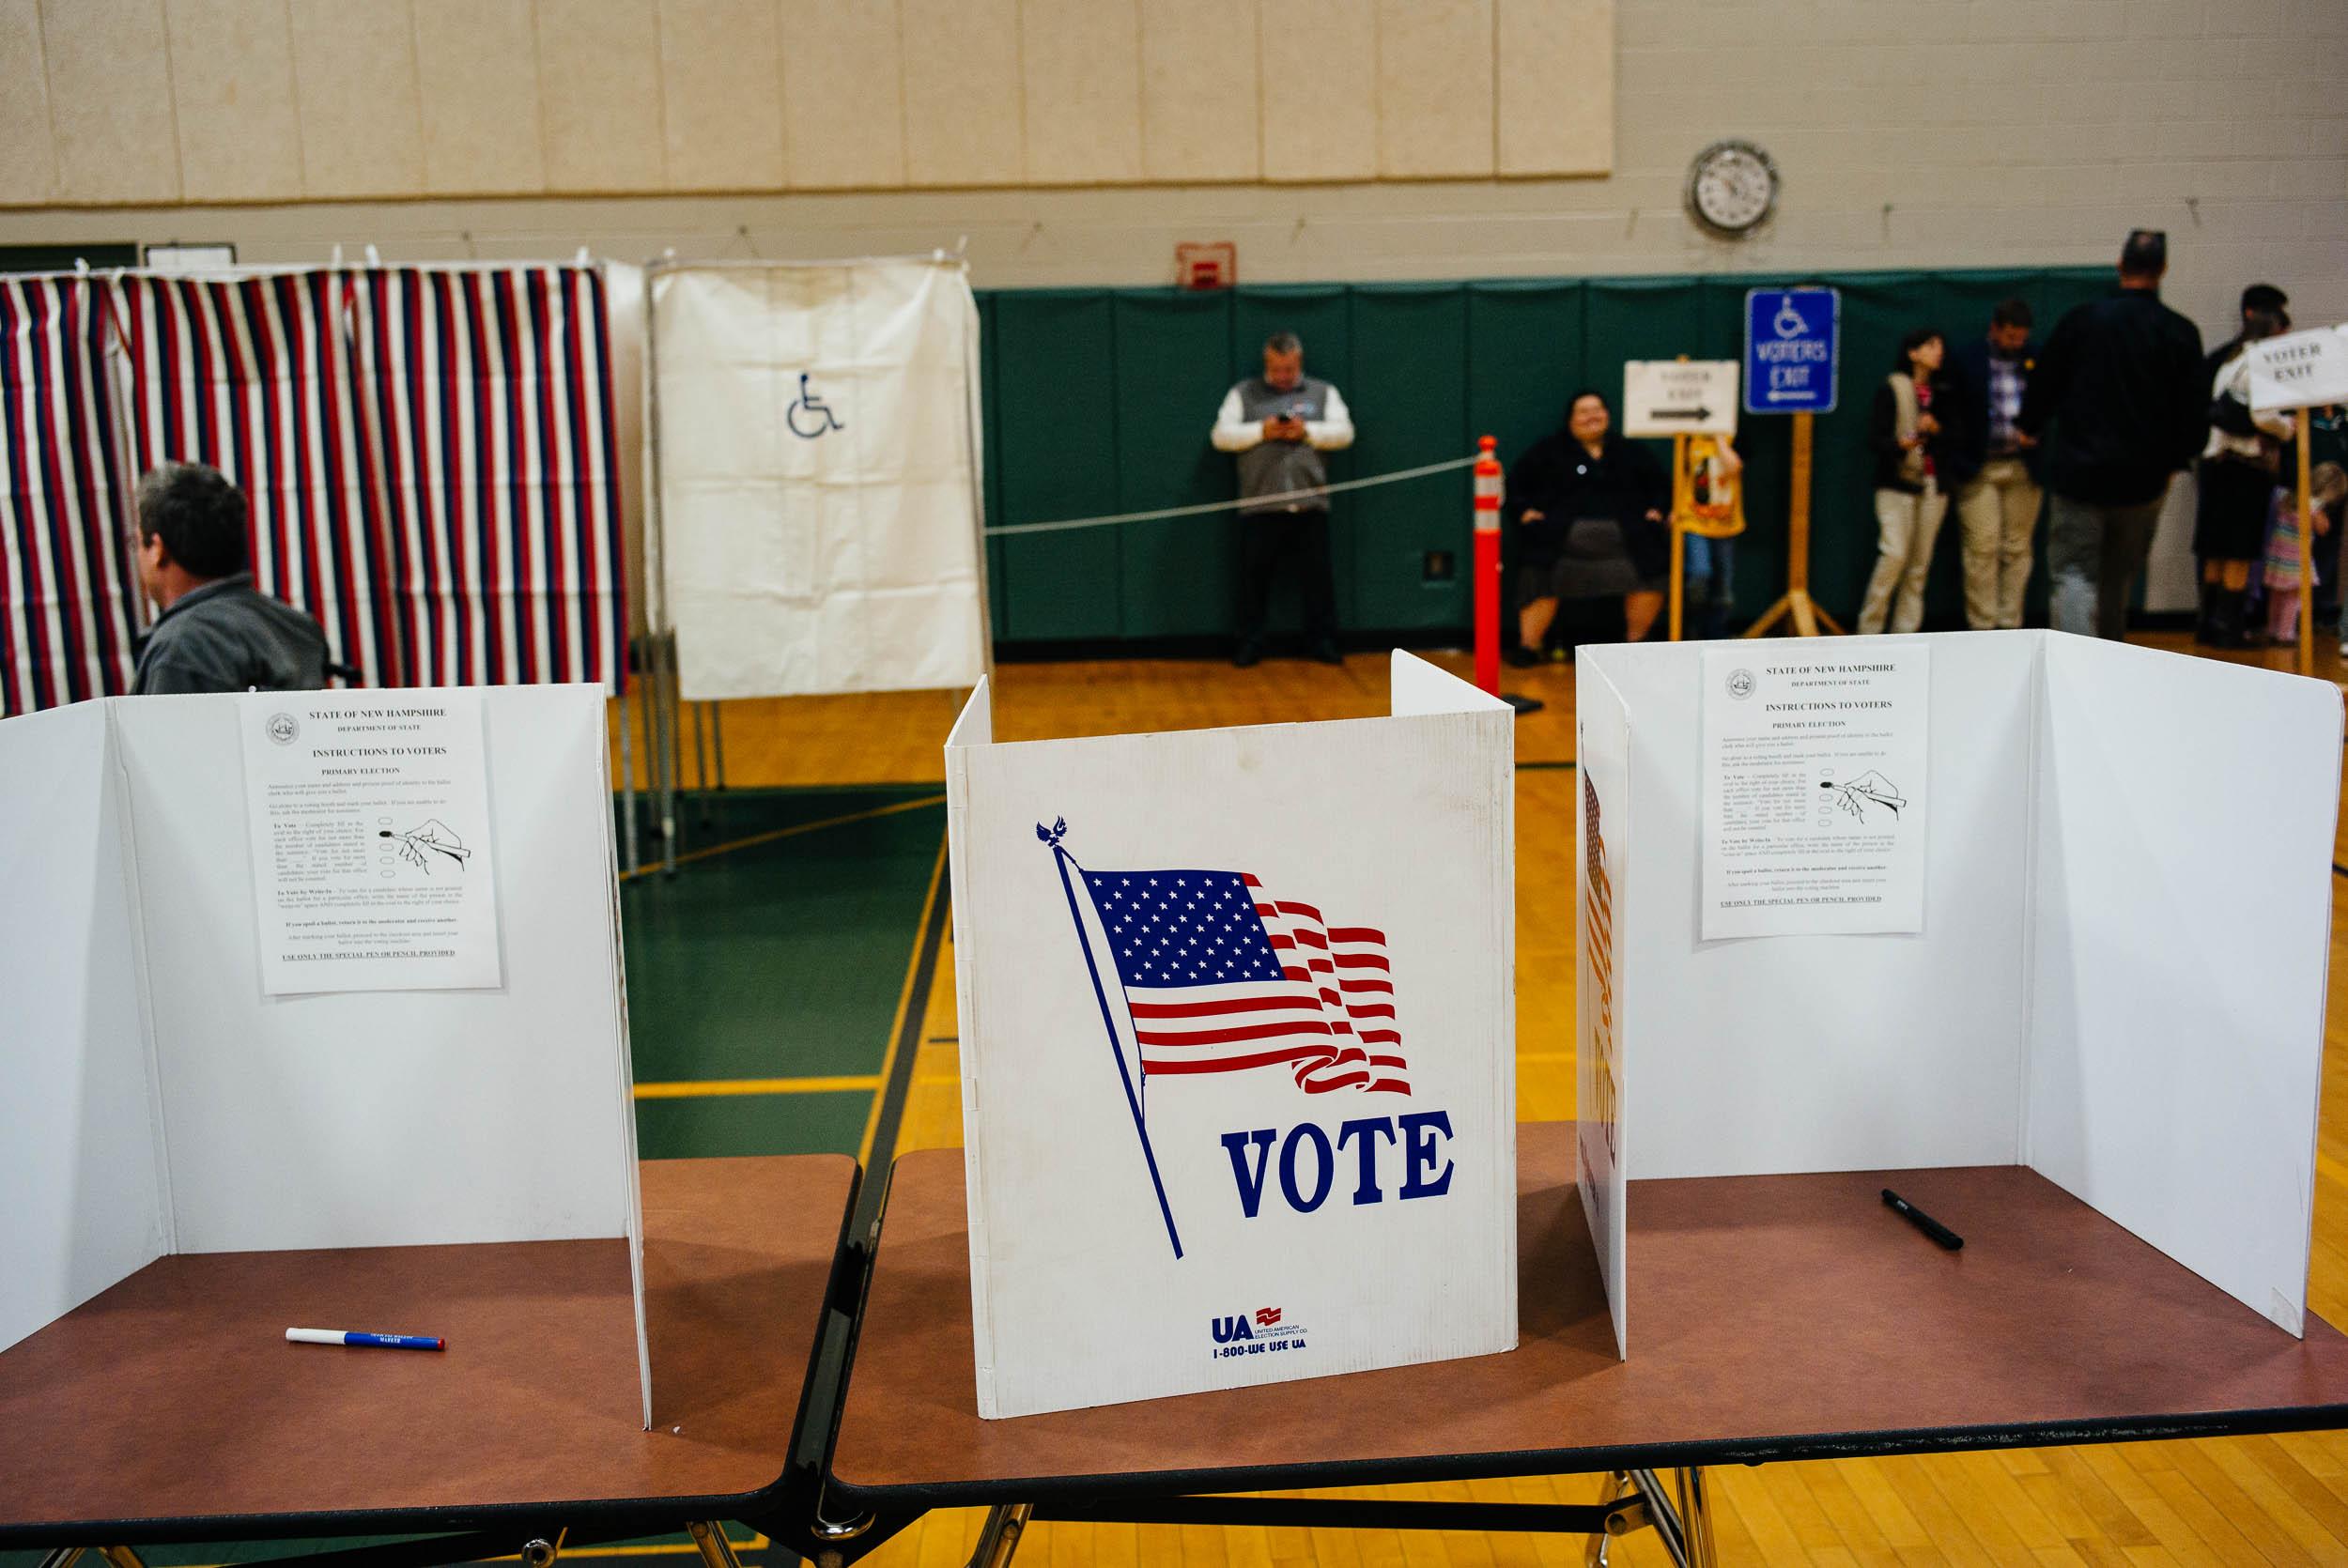 voting_NH_Nov2016_by_Lomanno_0006_web.jpg